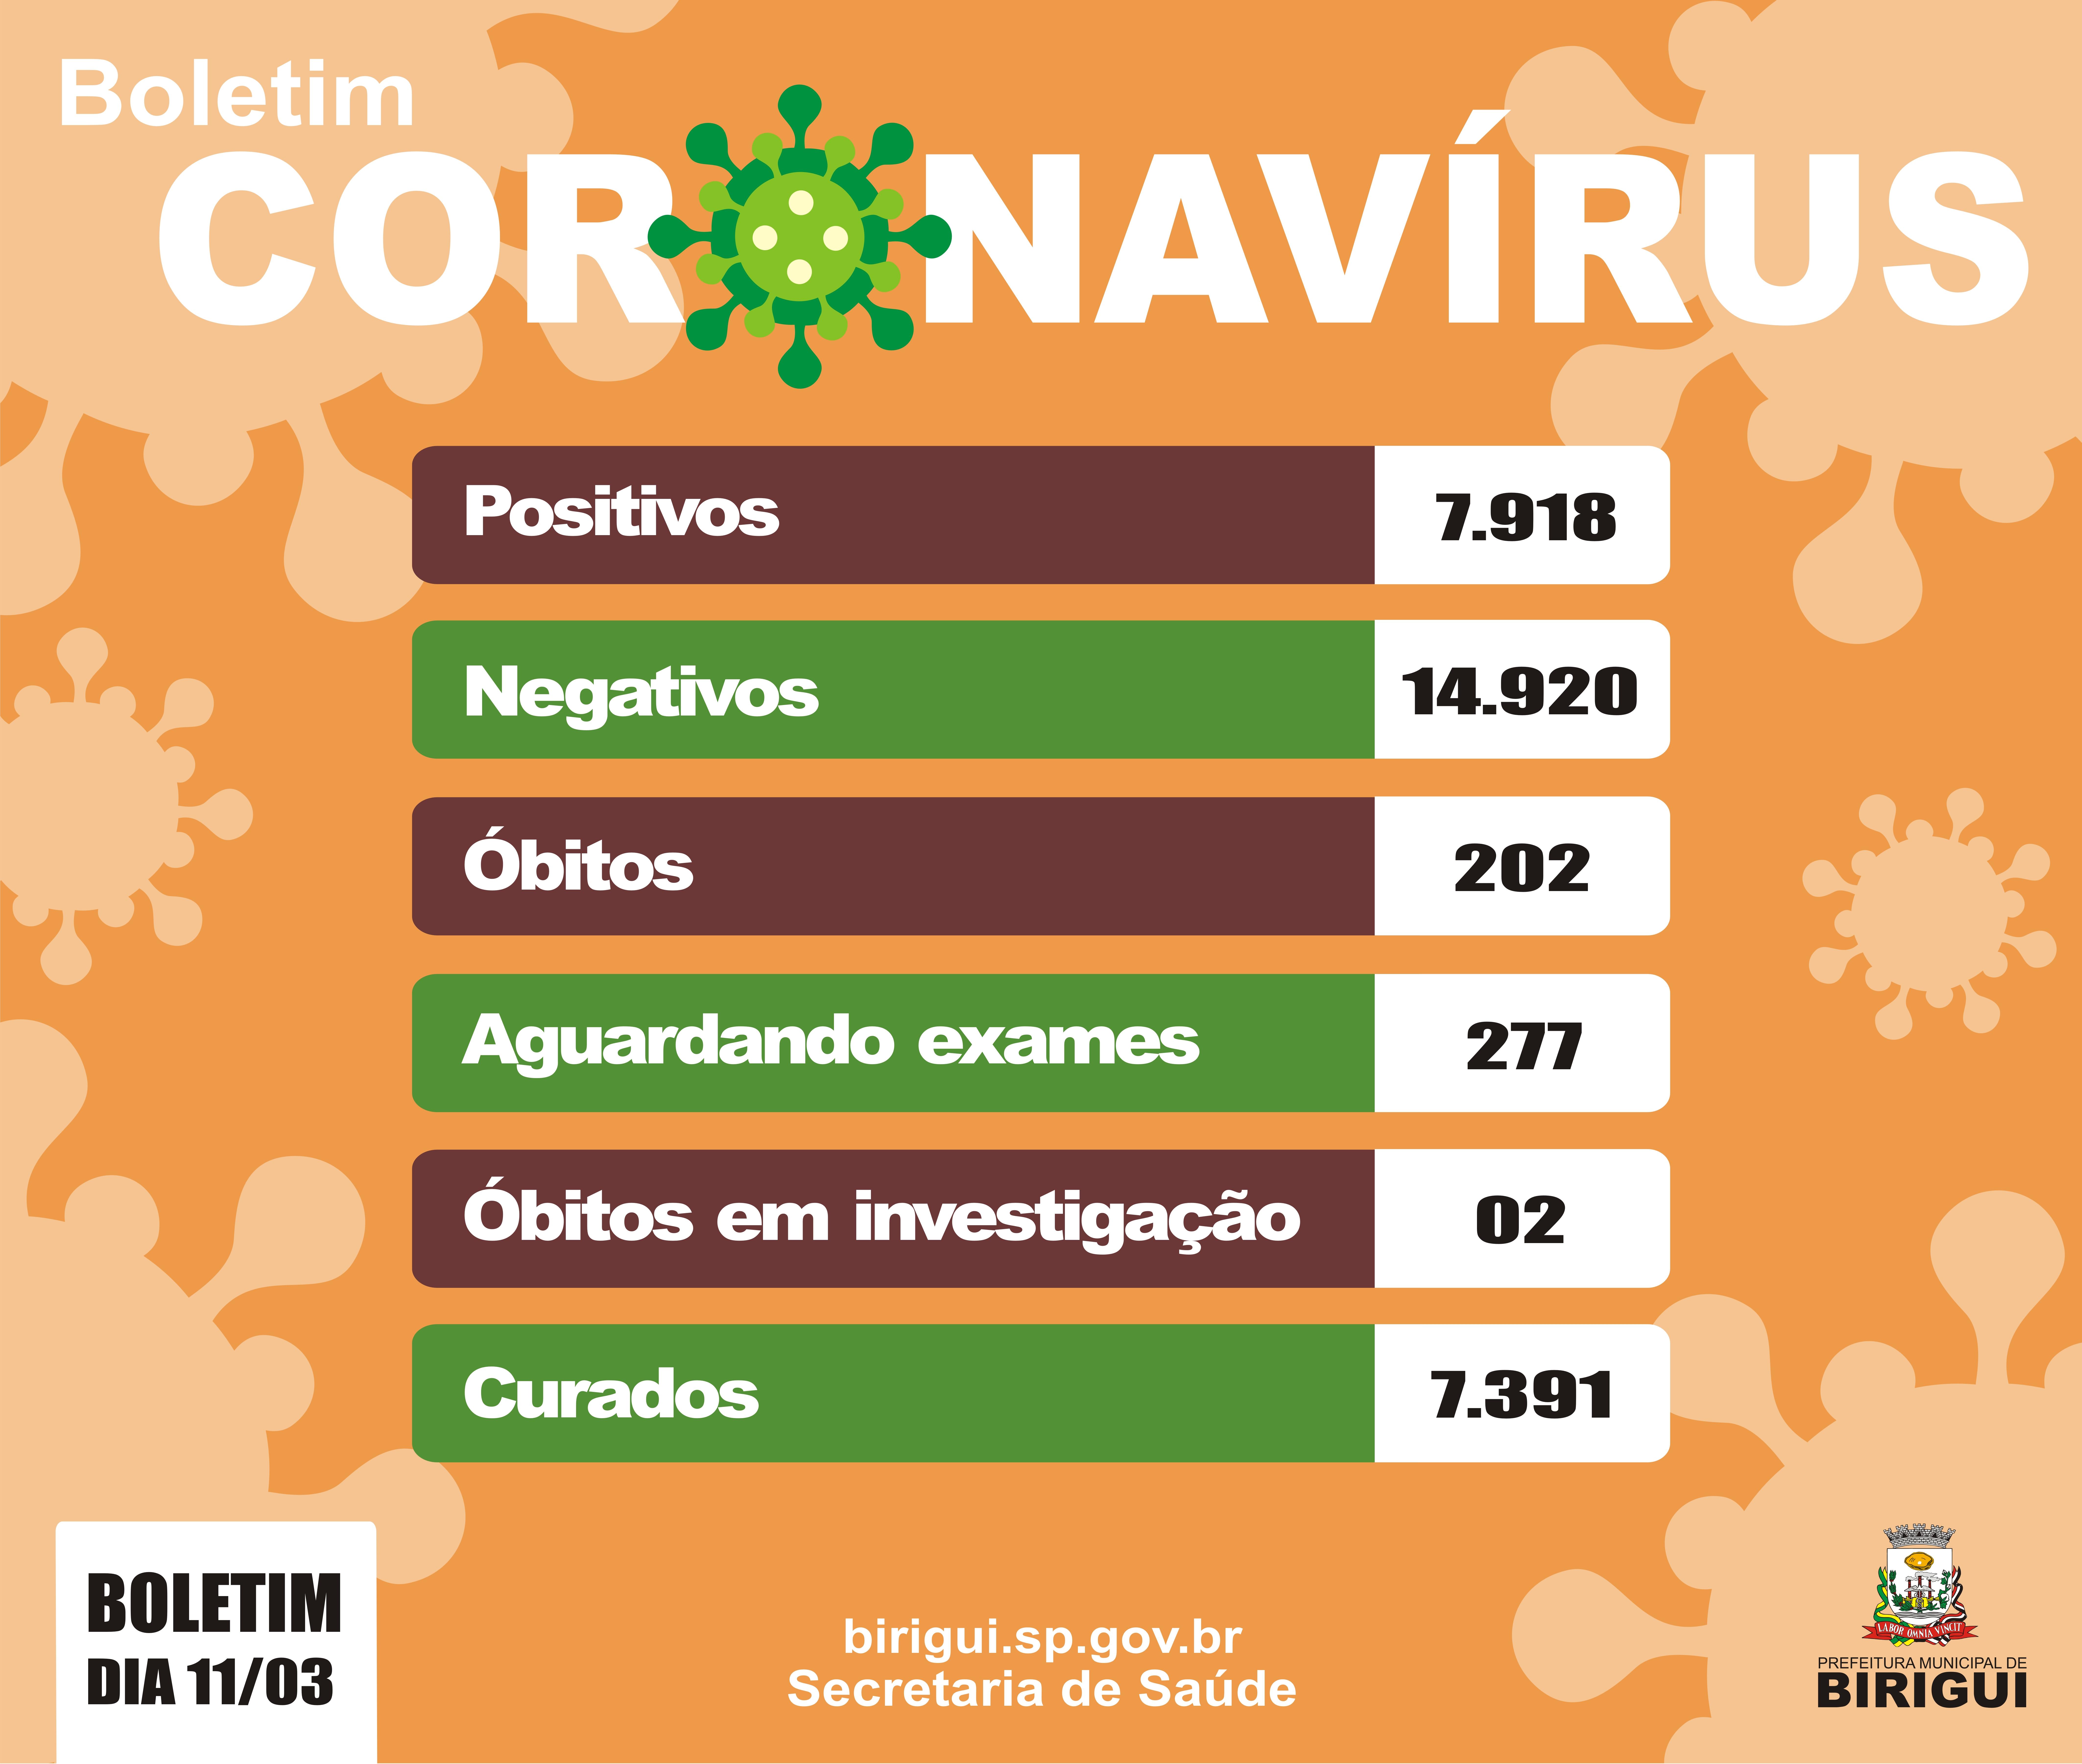 03 11 boletim - Birigui registra mais três mortes por covid-19, município soma 202 óbitos